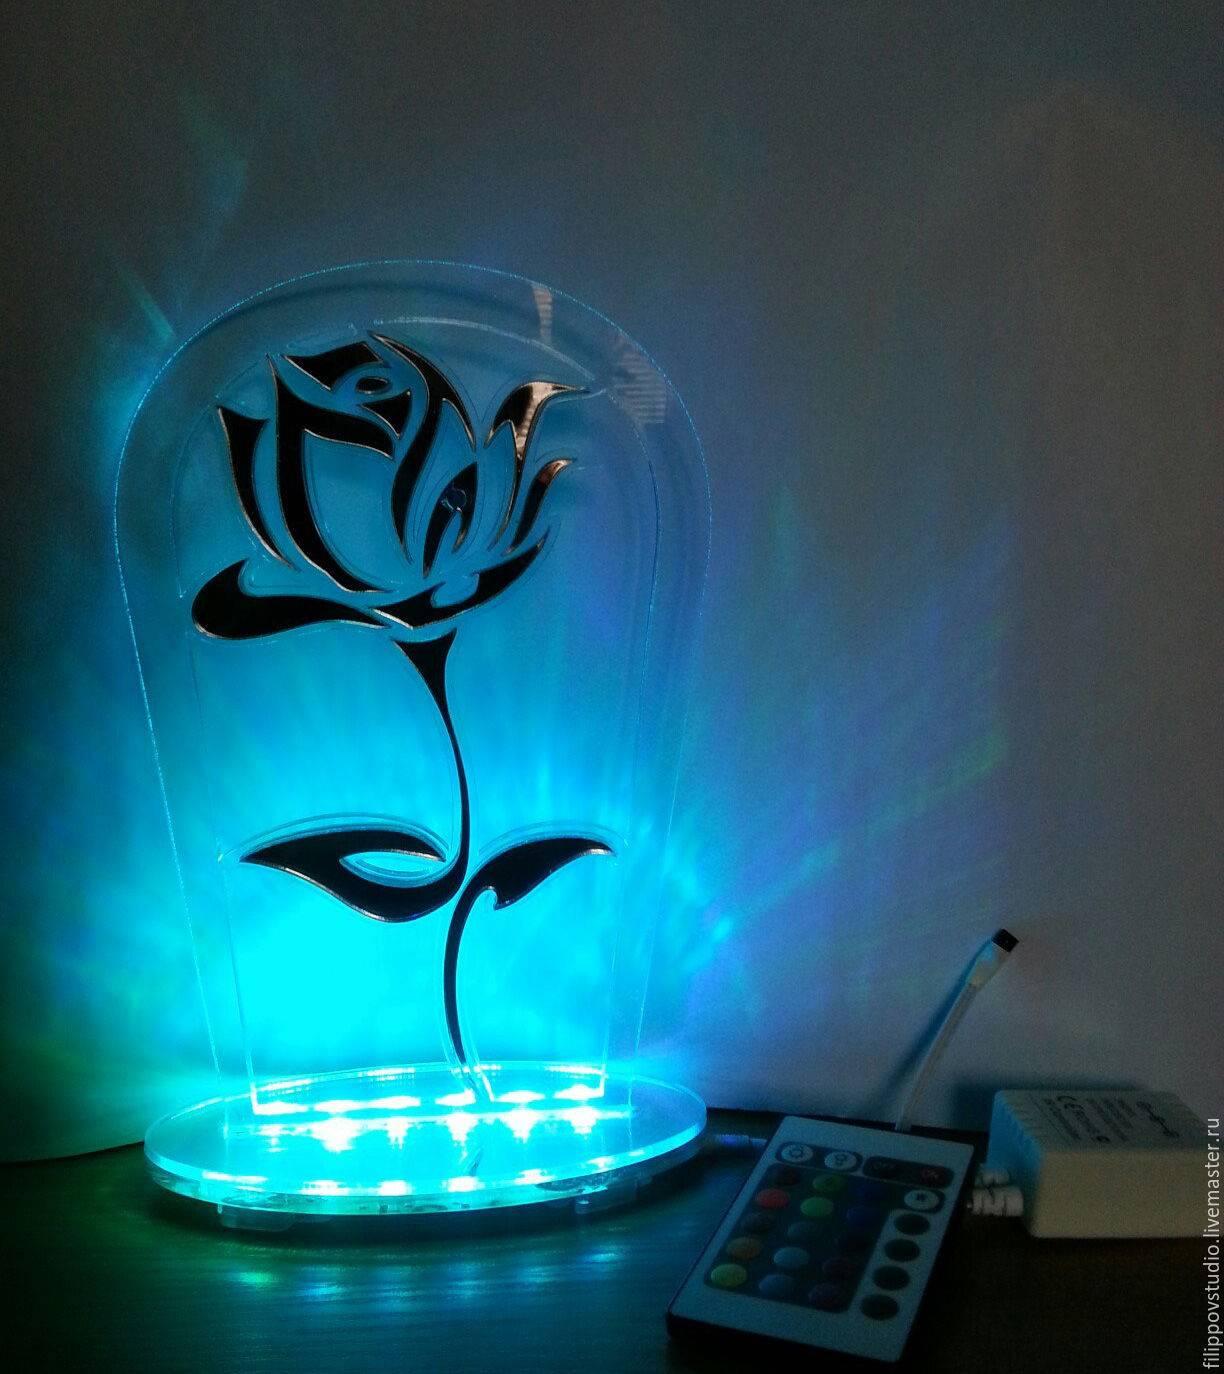 Оргстекло для торцевой подсветки: как правильно организовать подсветку светодиодными накопителями